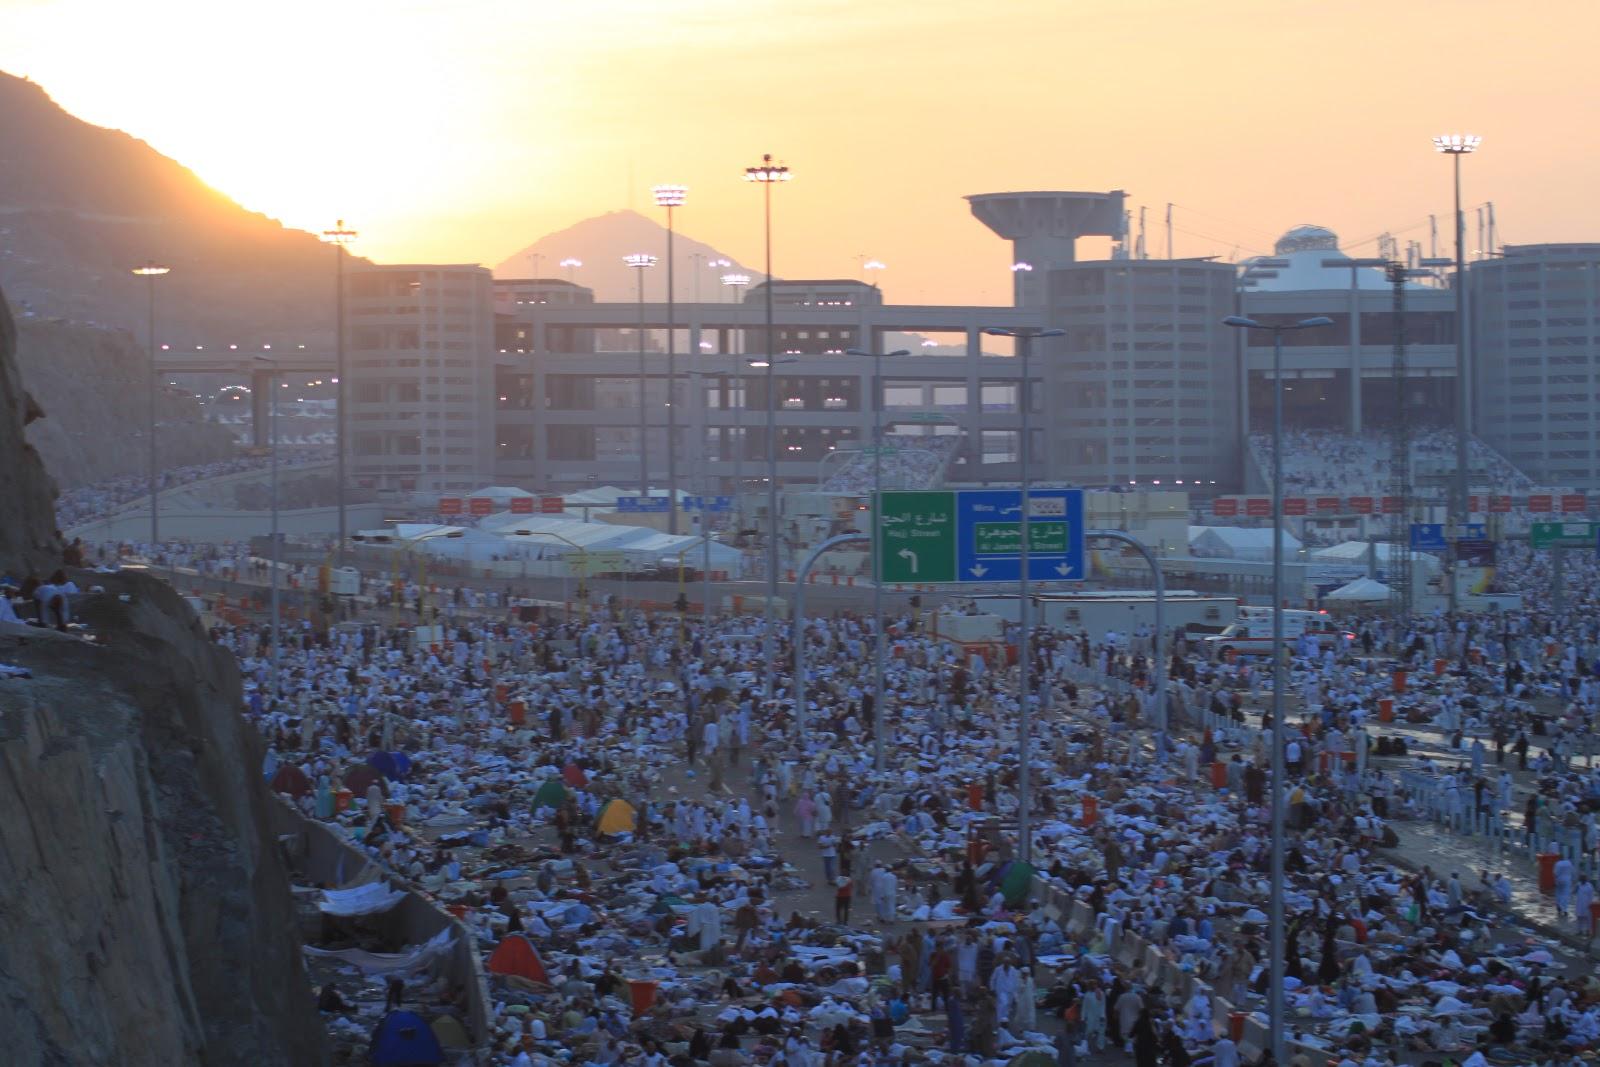 Laporan Jemaah Haji Malaysia: Dari Mina Ke Komplek Jamrah